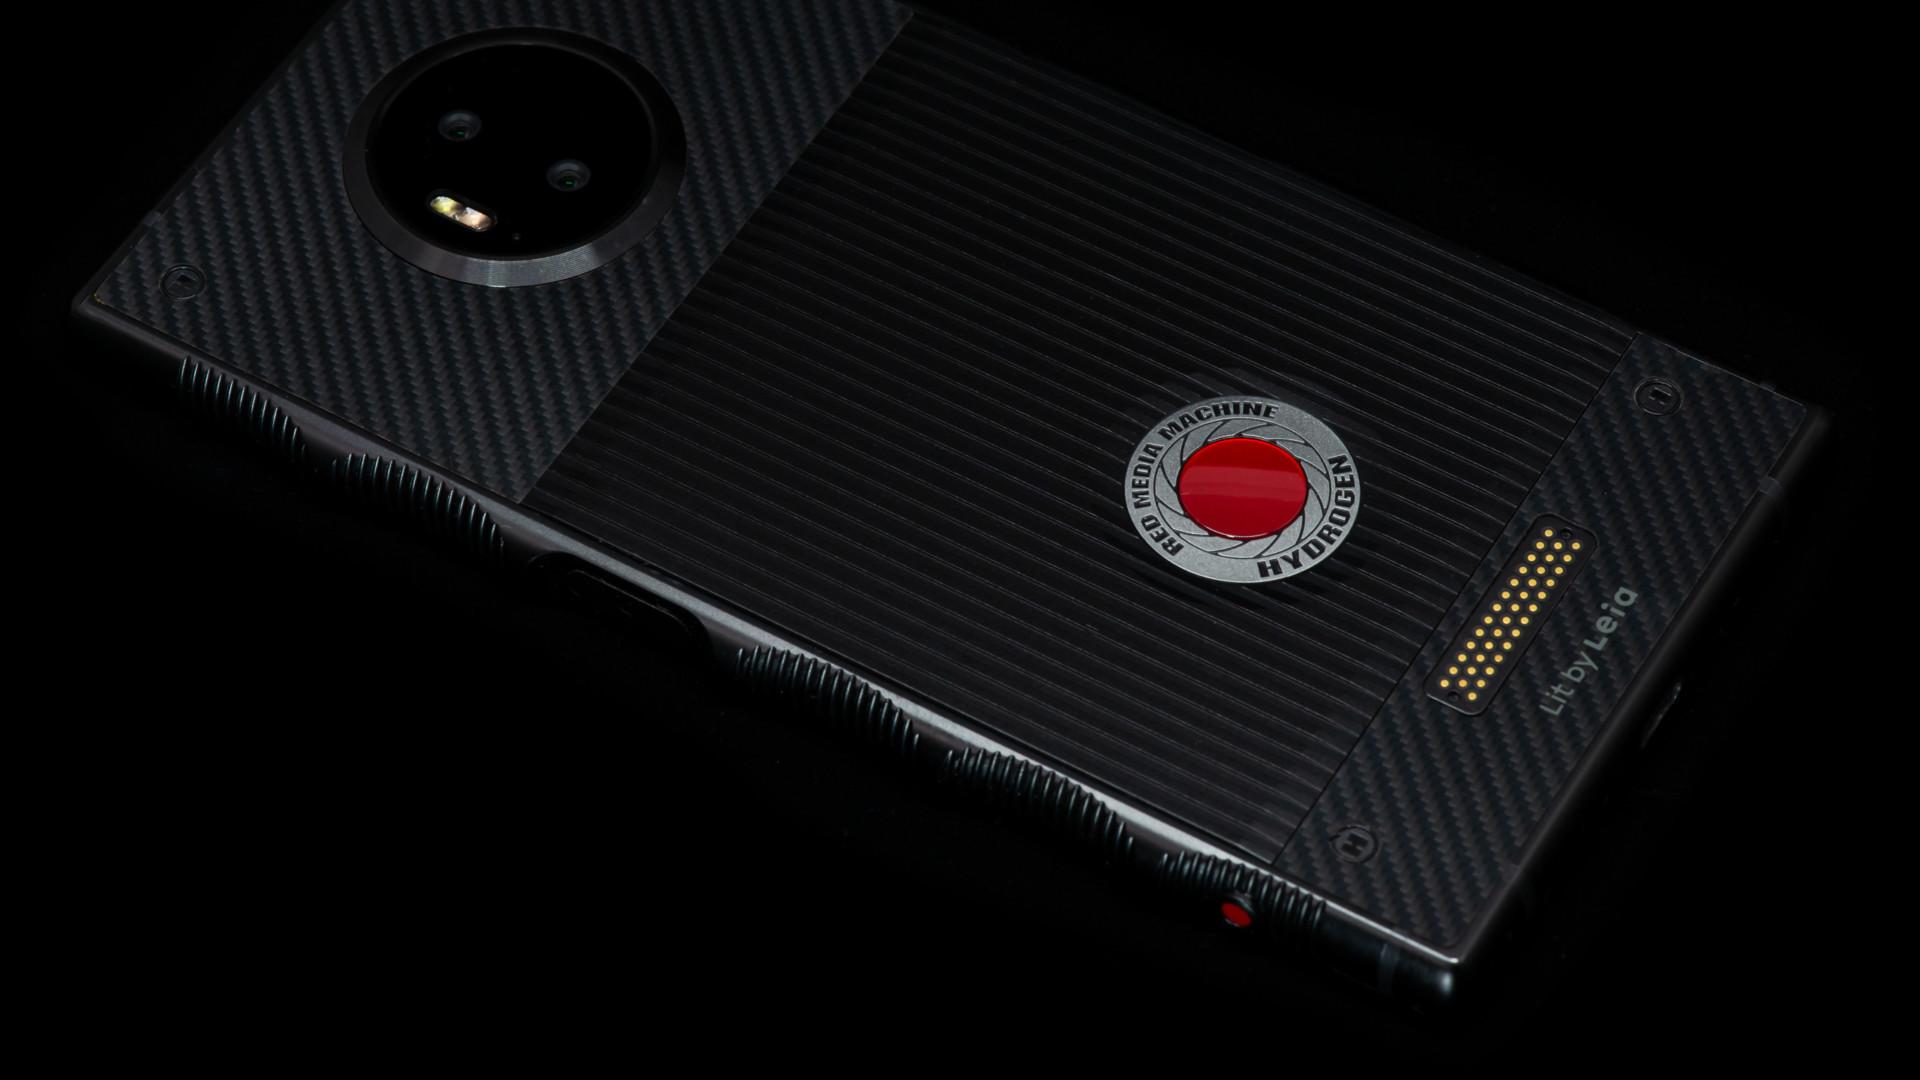 Компания Red закрывает проект Hydrogen, Hydrogen 2 не будет выпущен